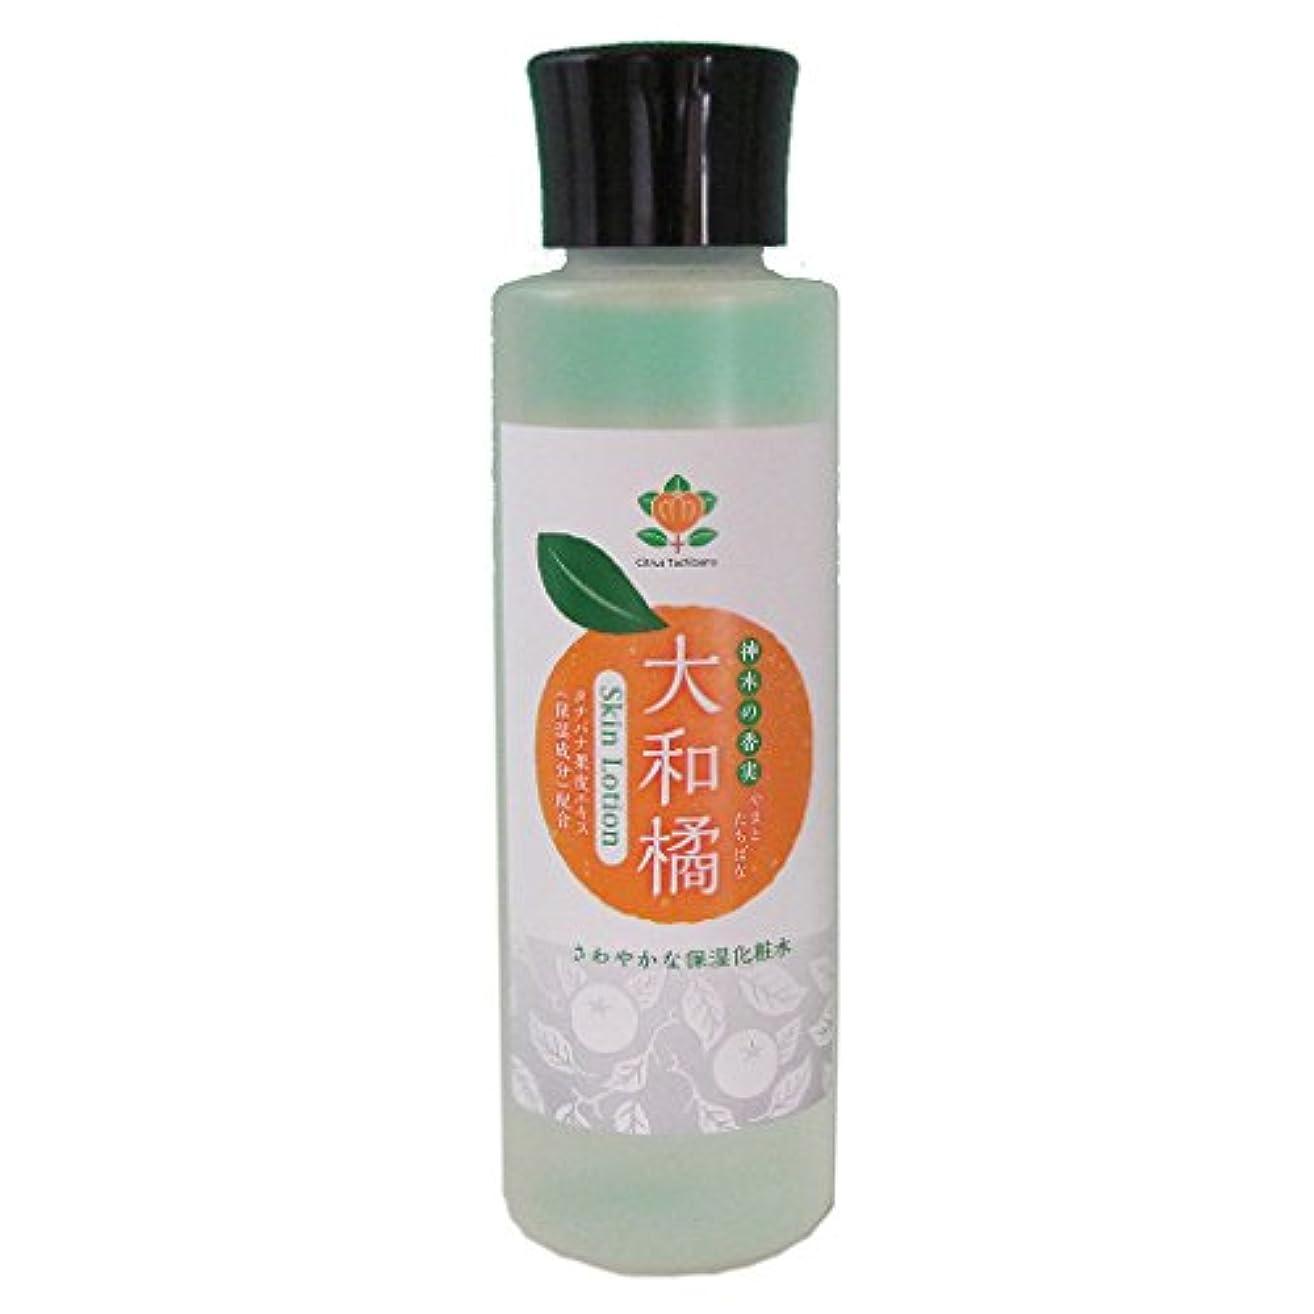 小説プロフェッショナル骨神木の果実 大和橘さわやか保湿化粧水 150ml